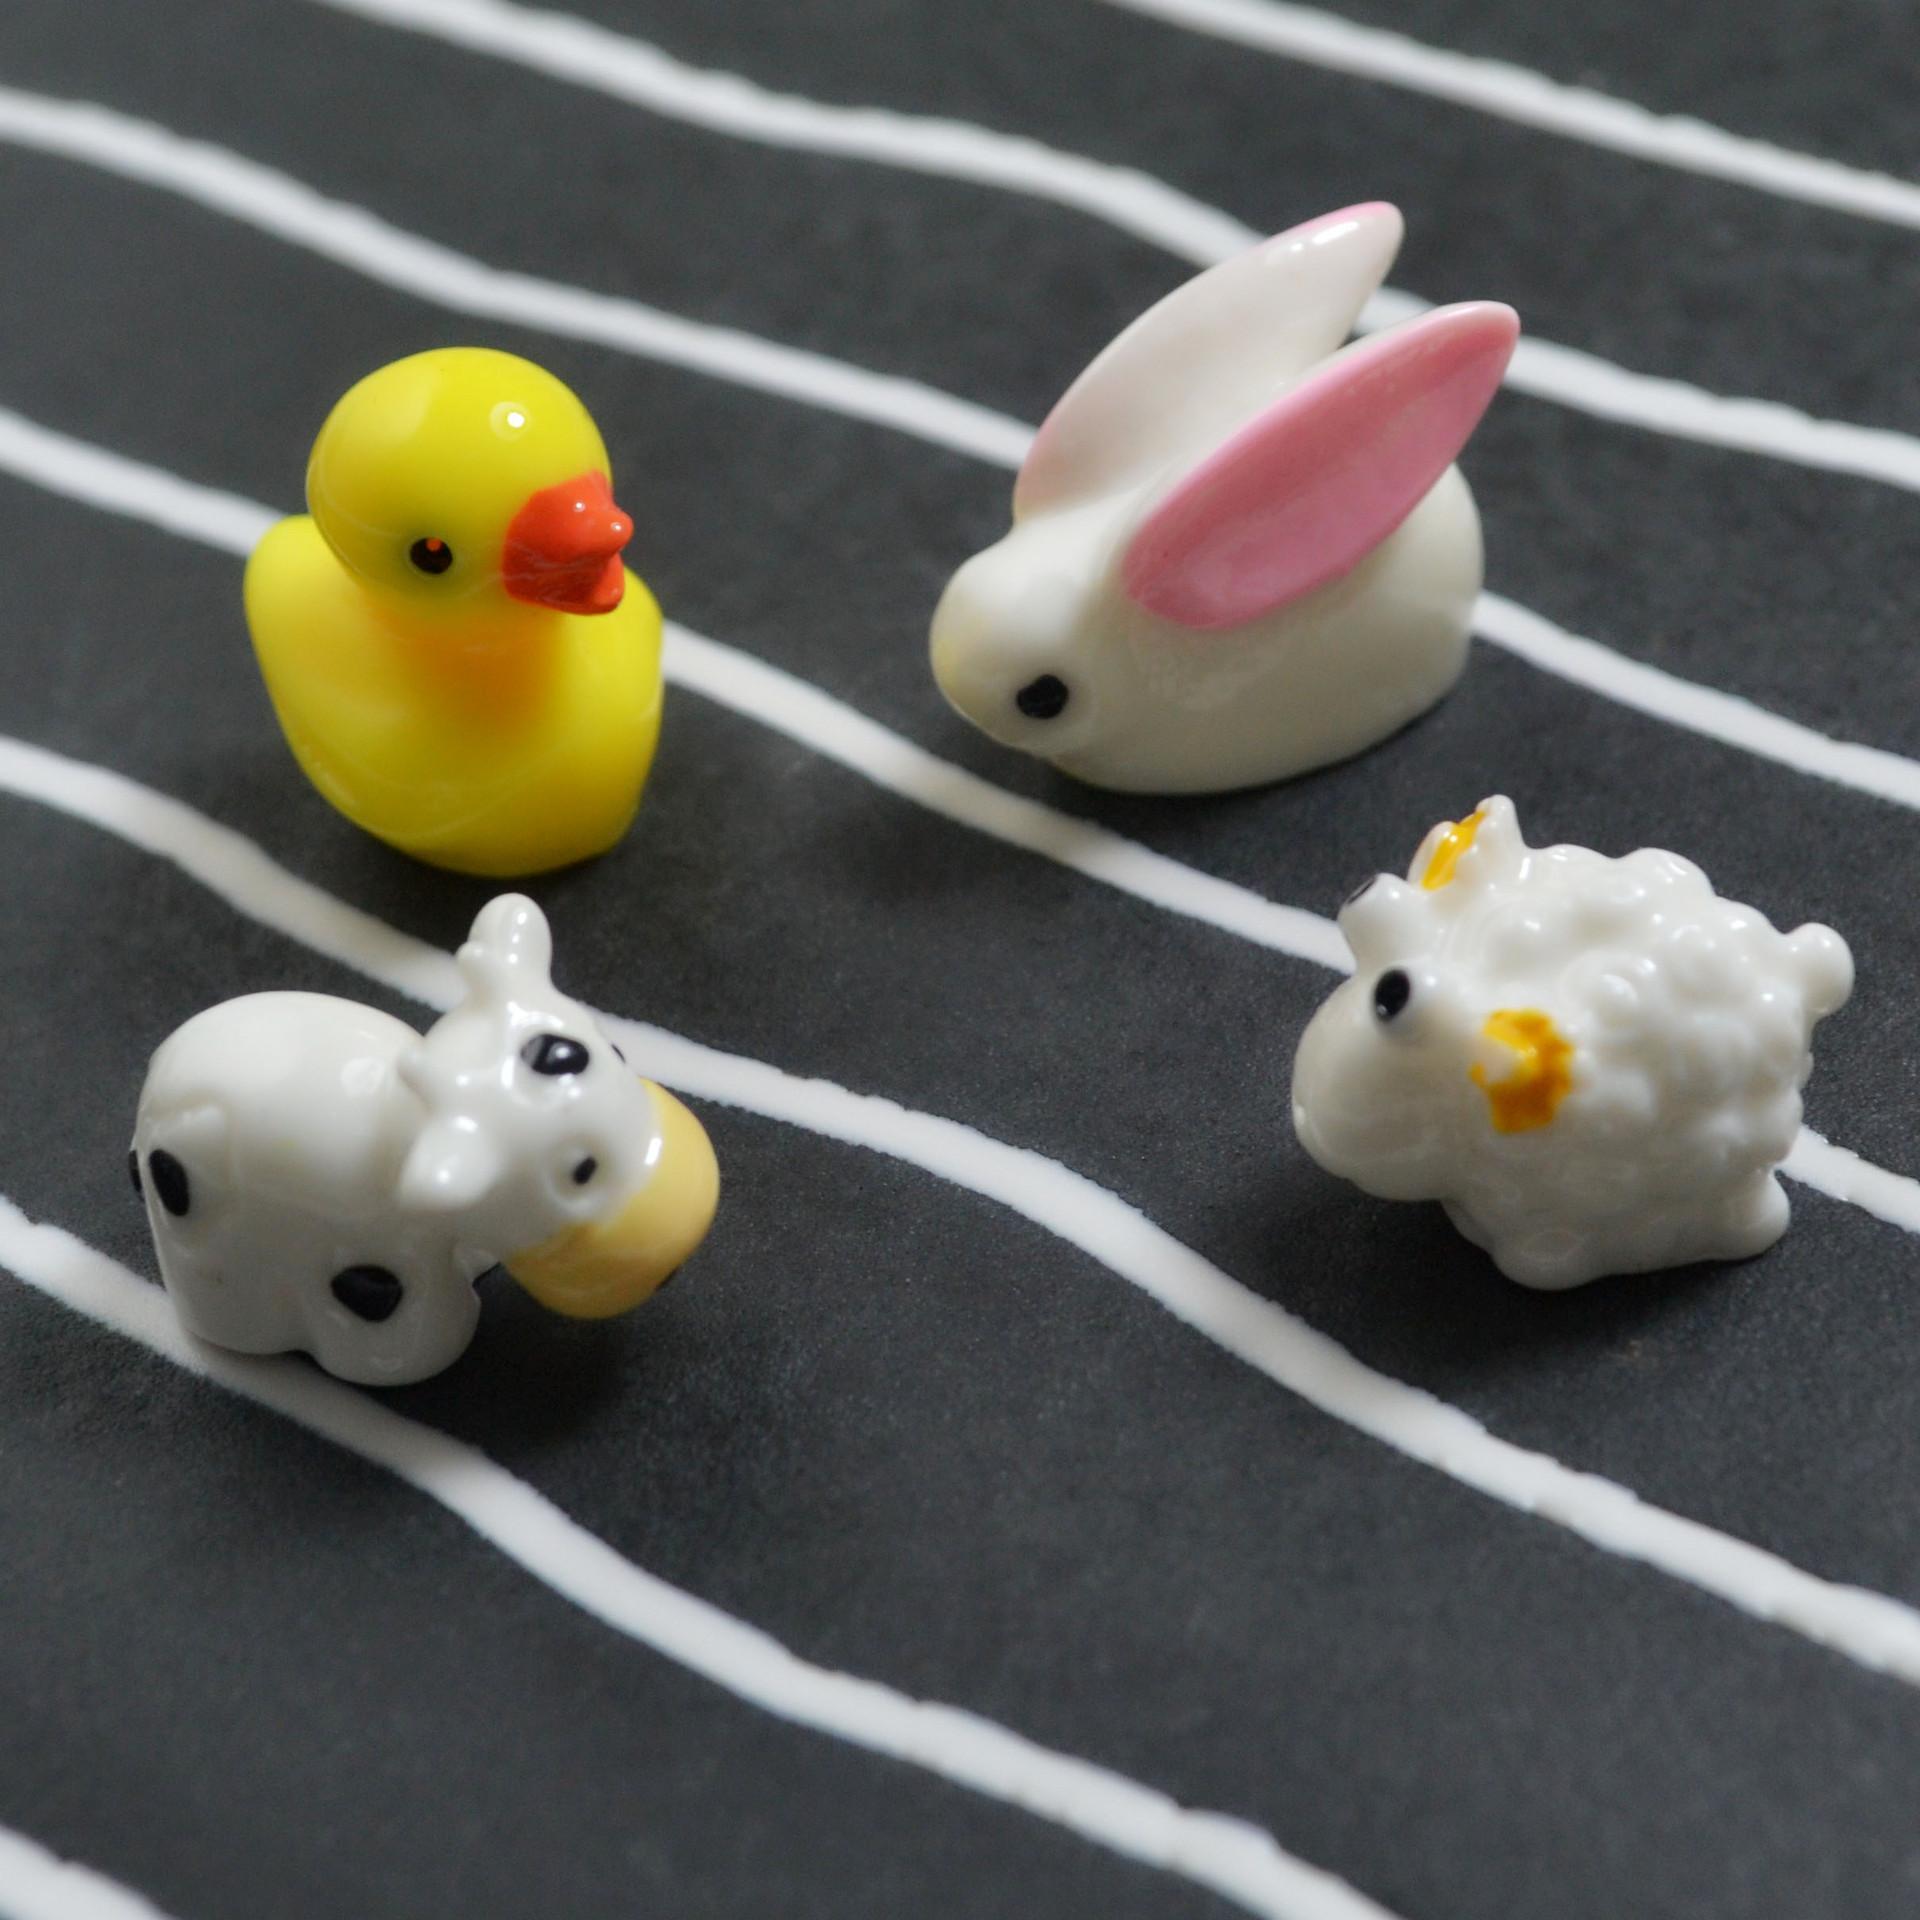 CAIWEI Nút cắm chống bụi Micro cảnh động vật nhỏ đồ trang trí bụi cắm phụ kiện nhựa nhỏ bò ảnh cây c